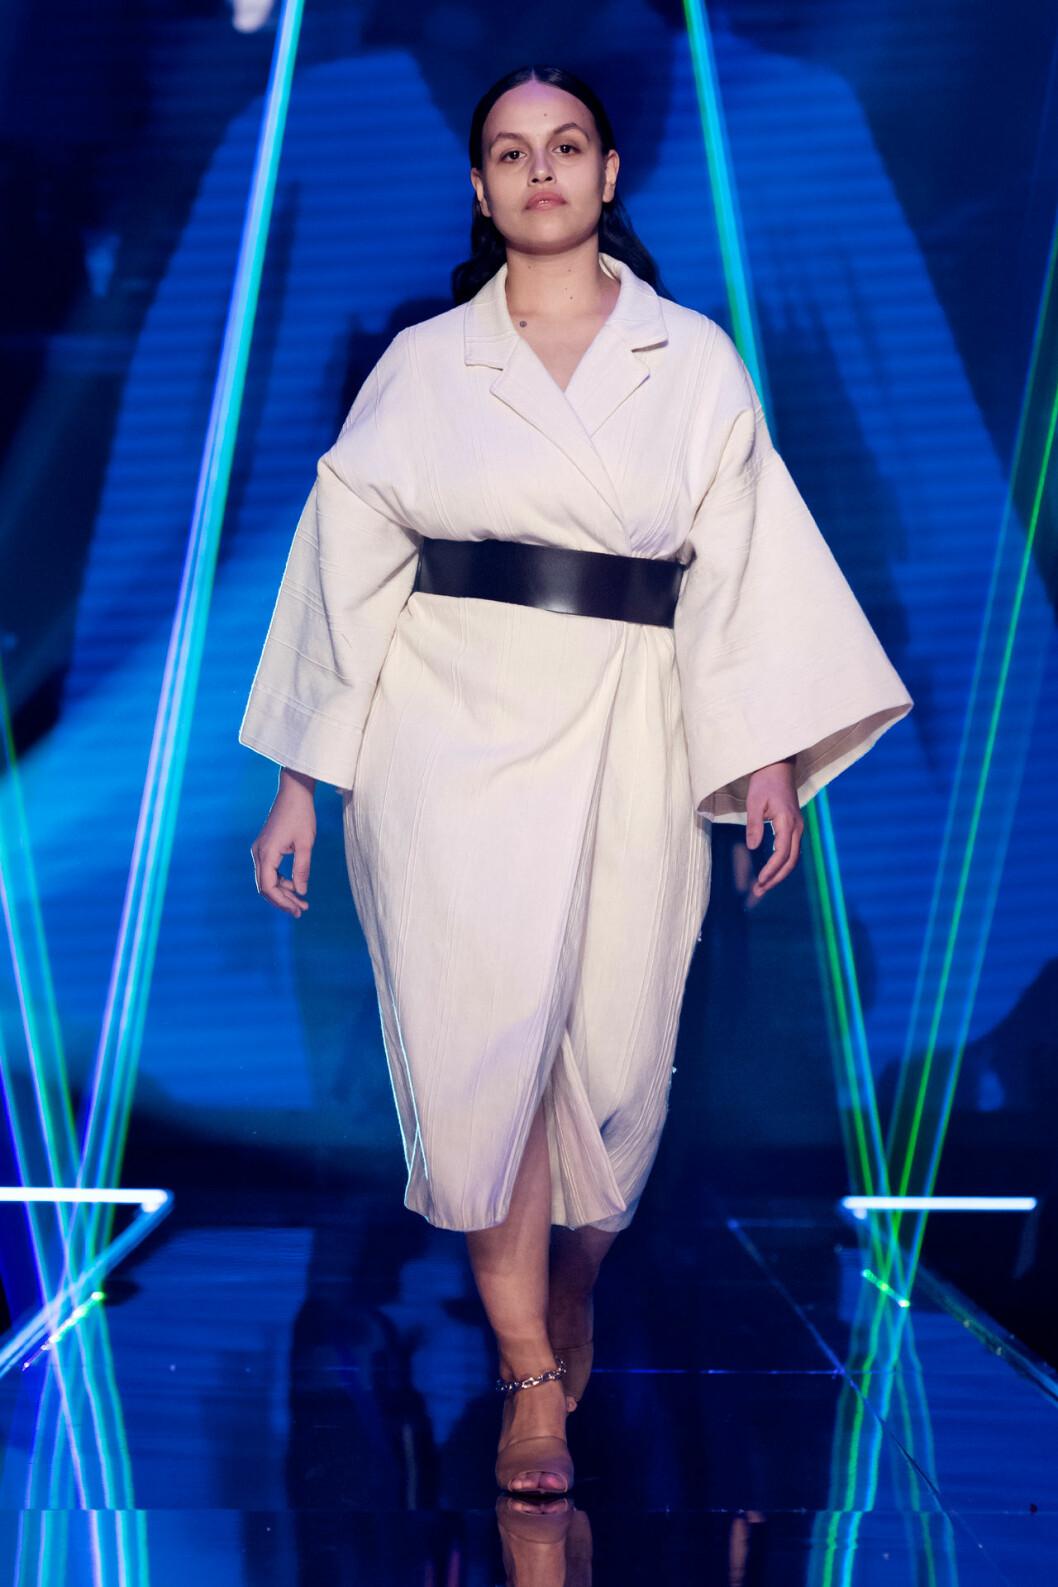 Vit kimonoklänning med svart markerad bälte i midjan från visningen av årets nykomling Amanda Borgfors Mészáros.